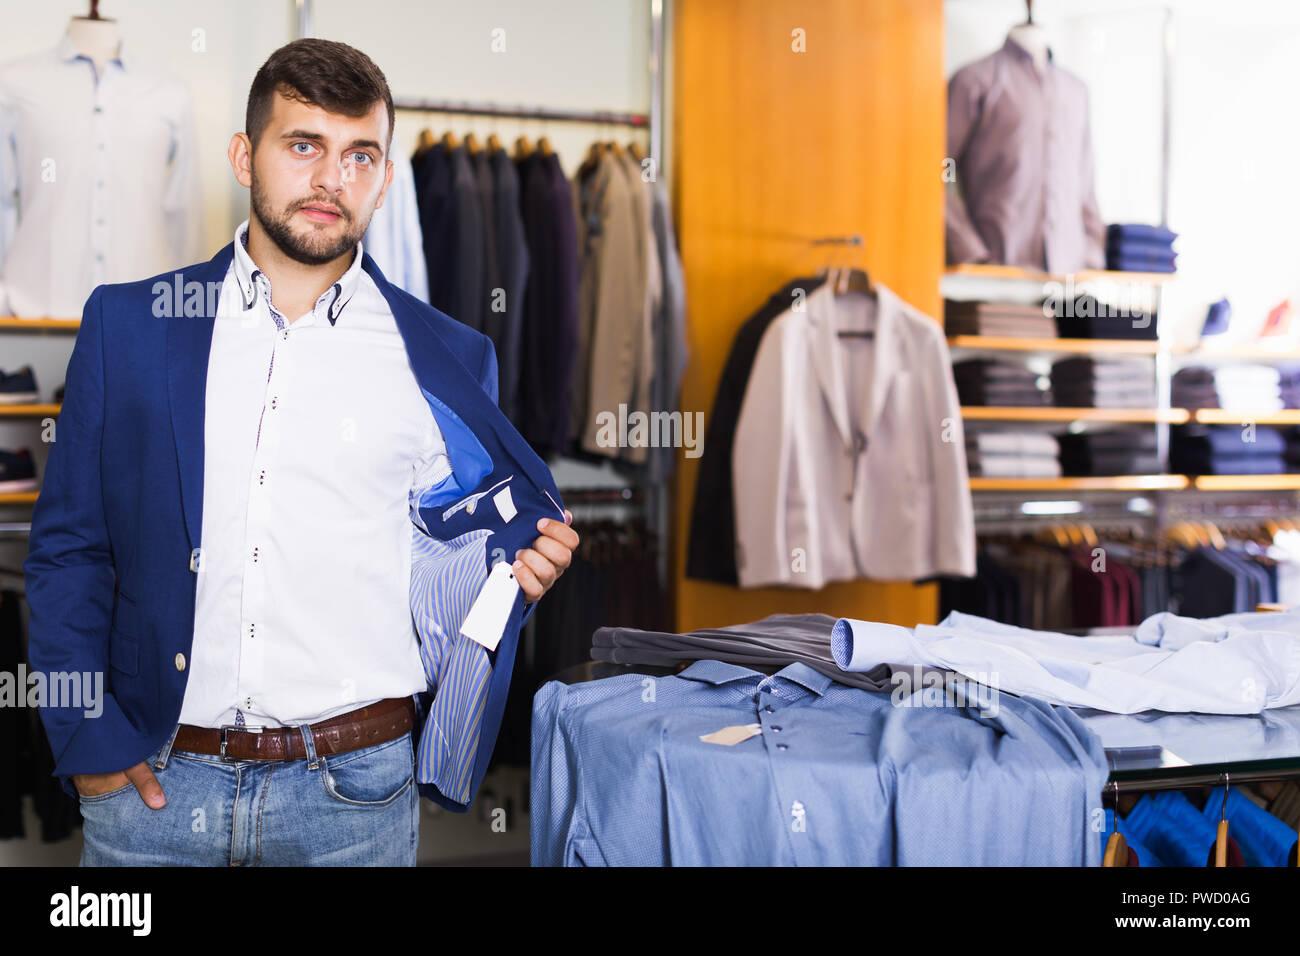 pretty nice 39046 cdd46 Glückliche Menschen Kunden Auswahl Jacke in Männer kleidung ...